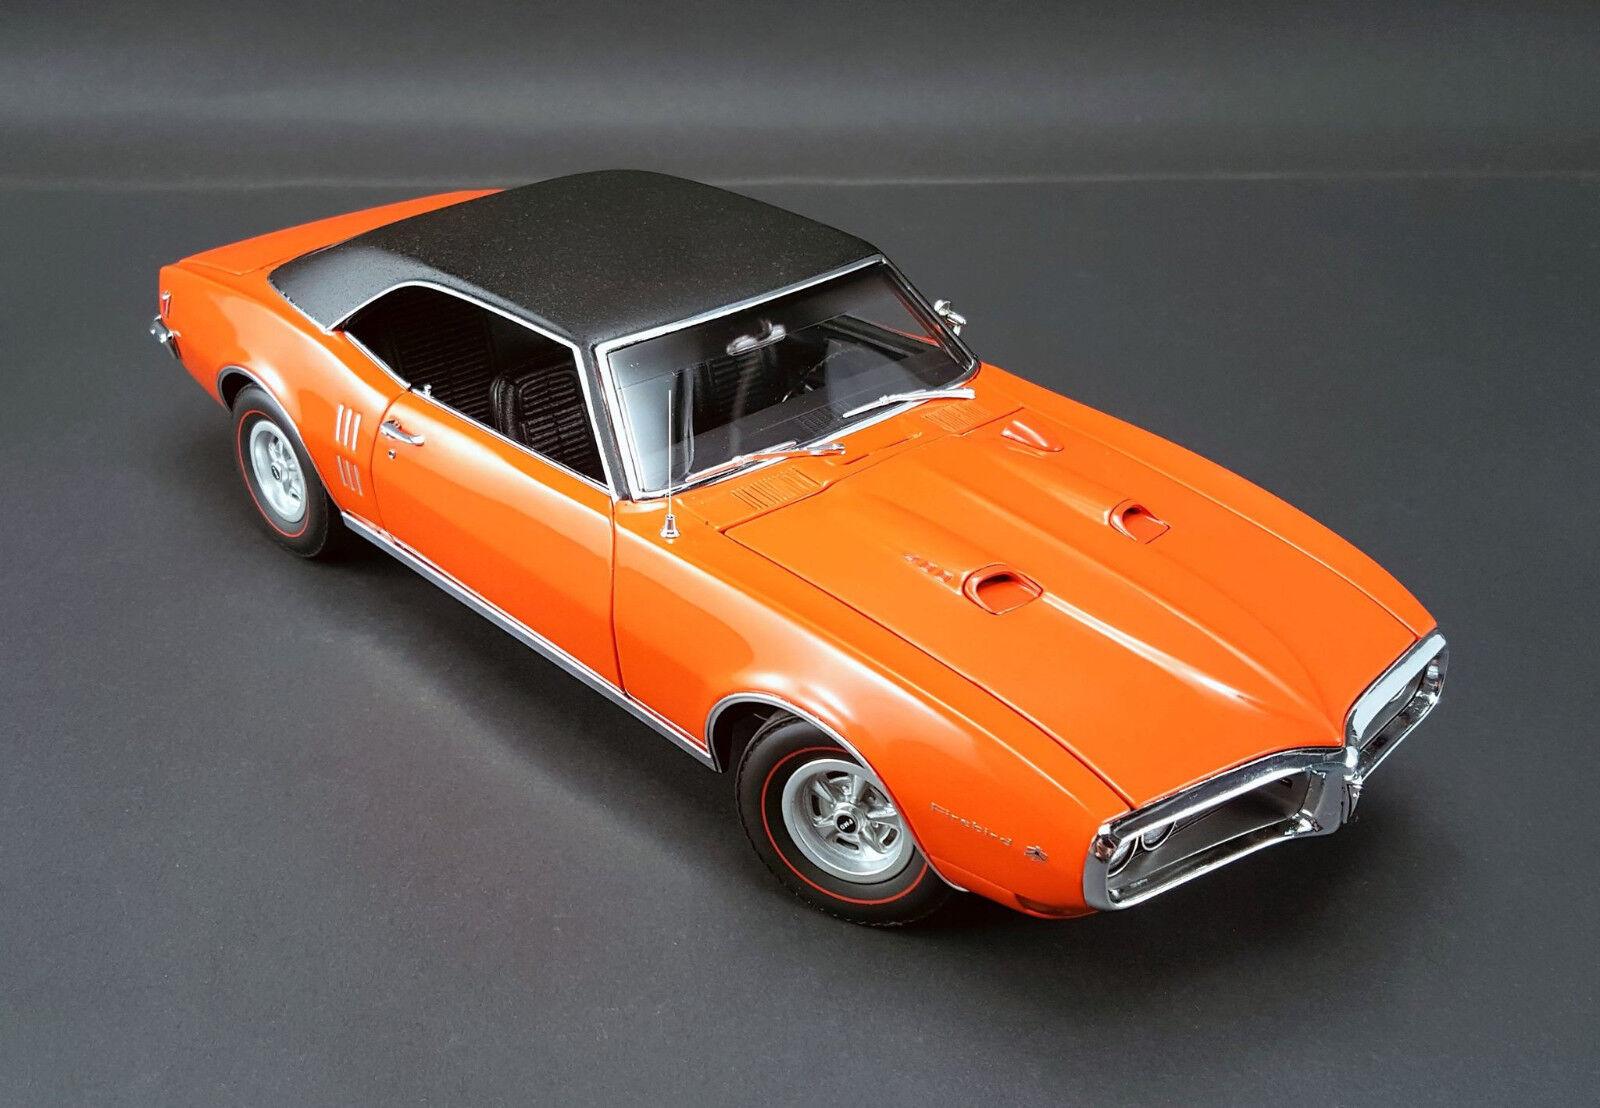 diseño único 1968 Pontiac Firebird Firebird Firebird Acme GMP 1805205 Rojo 1 18  solo cómpralo